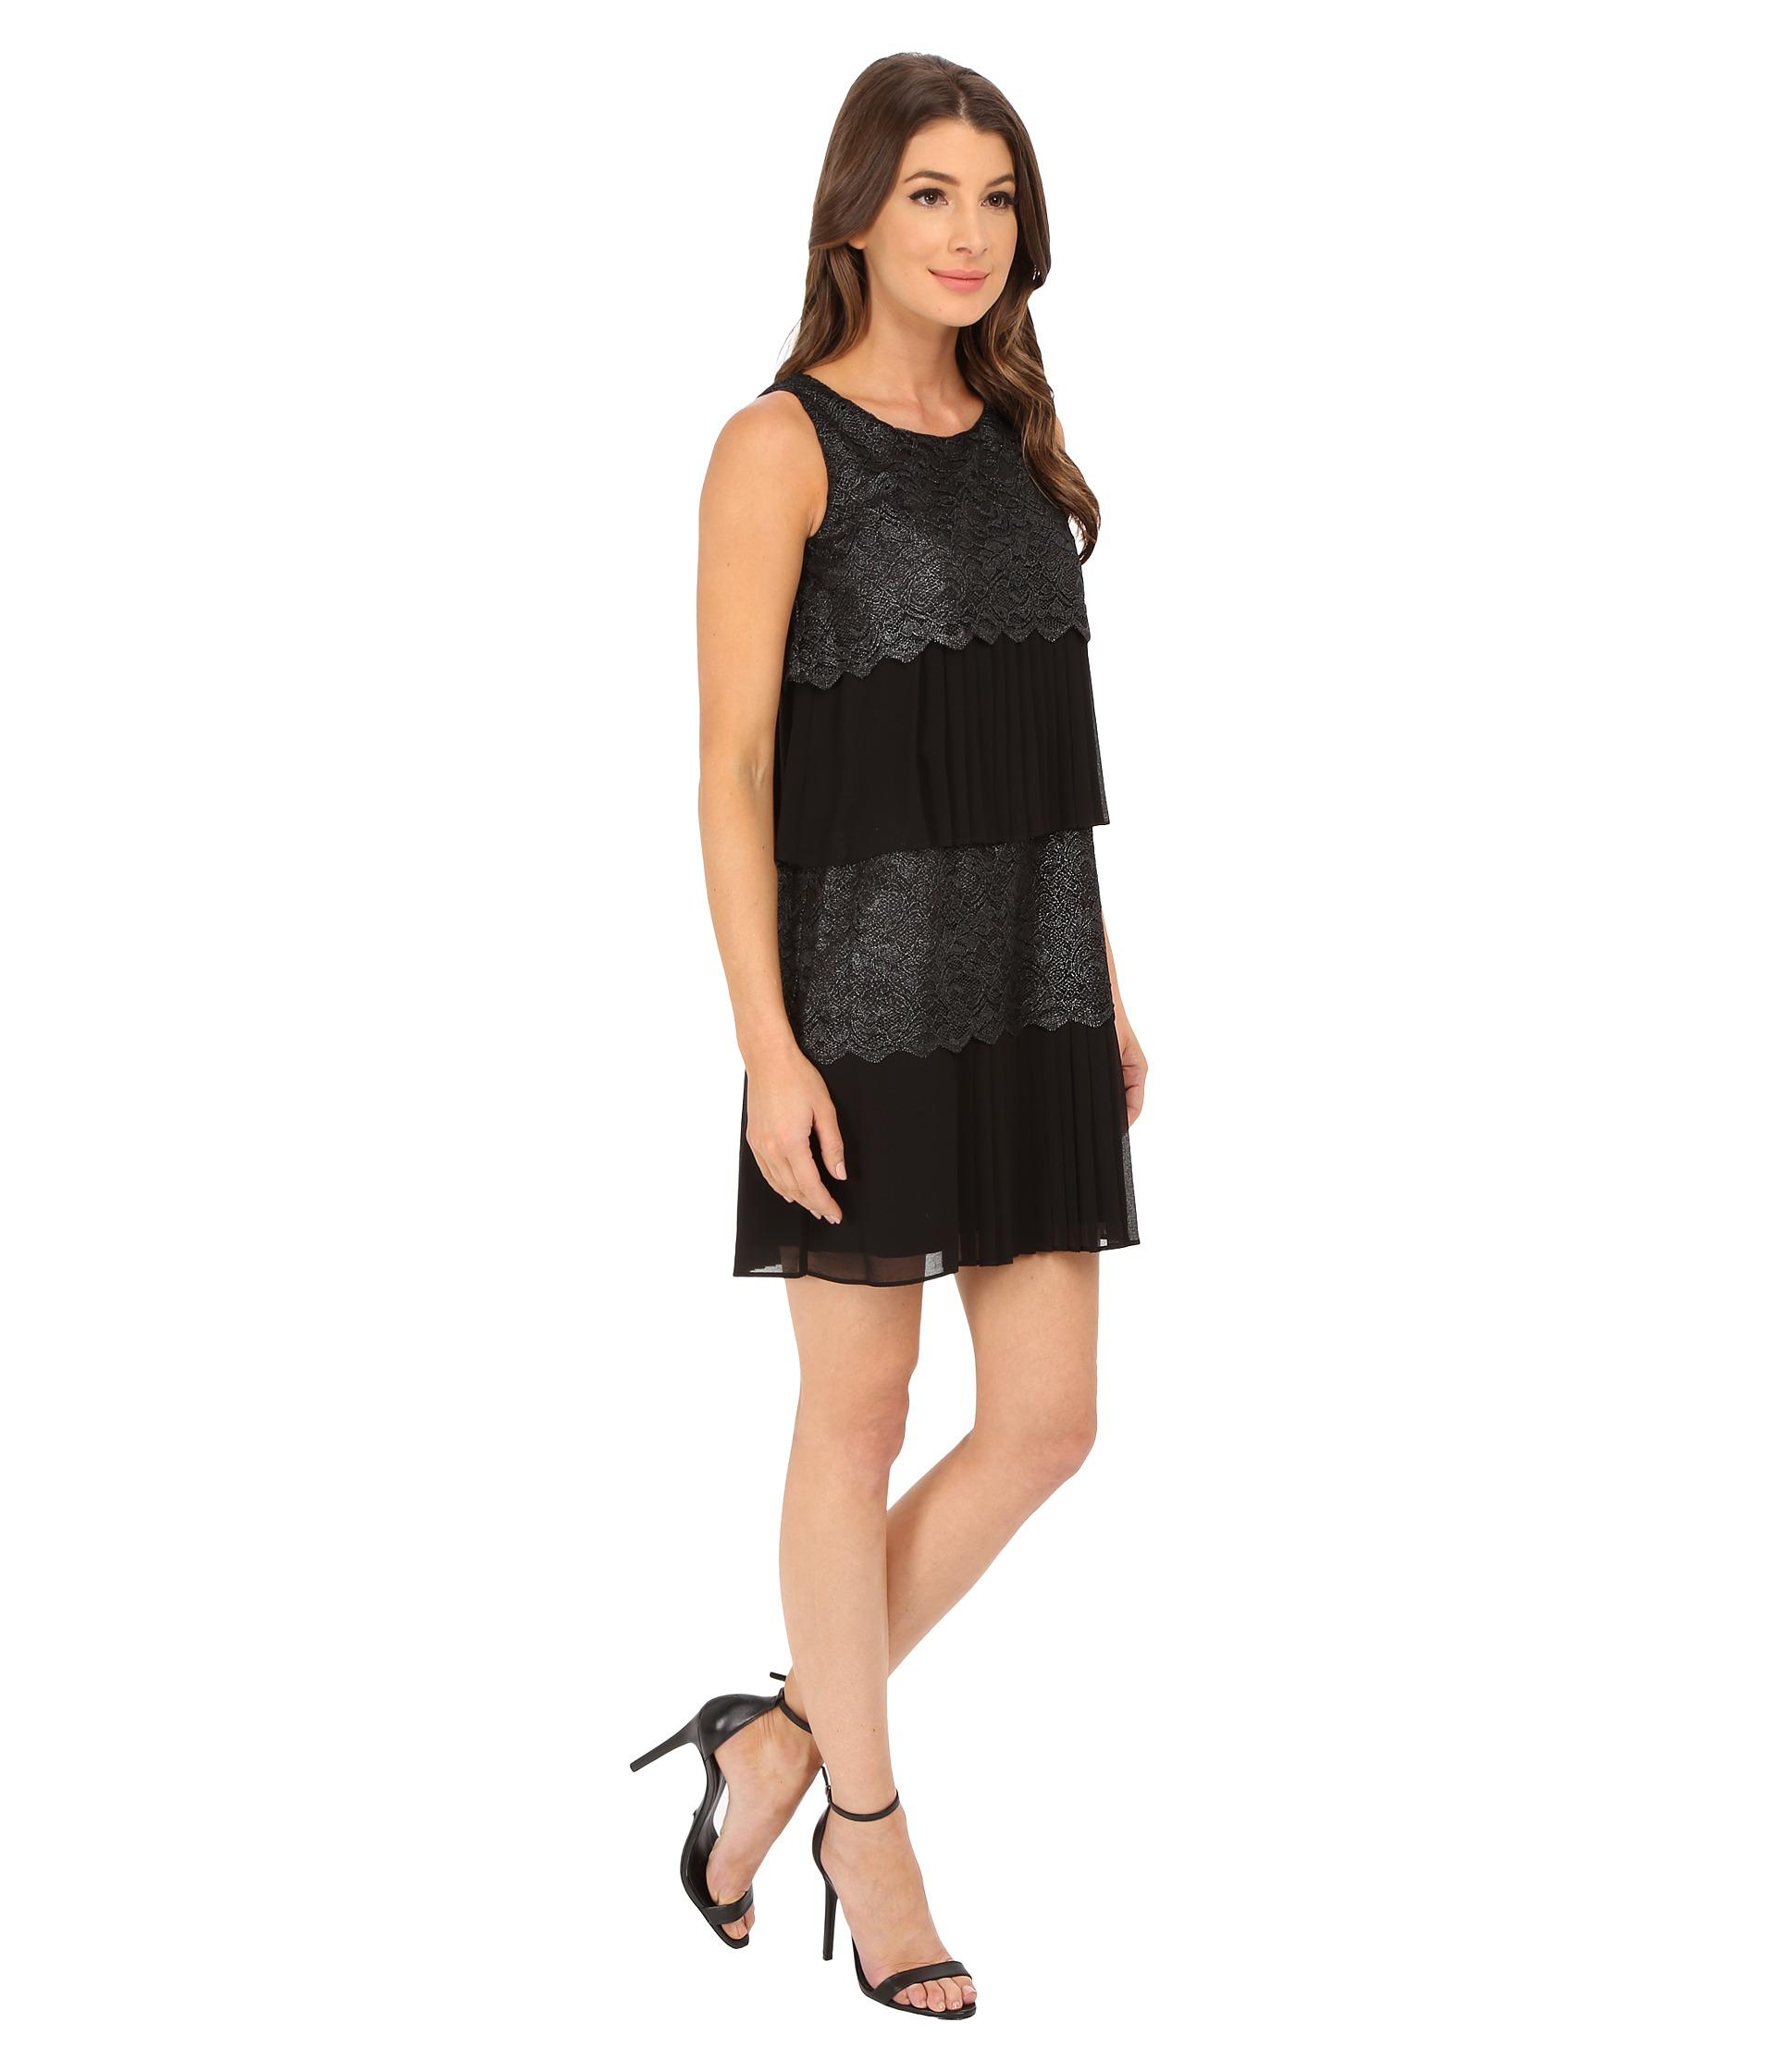 Chiffon lace tiered dress